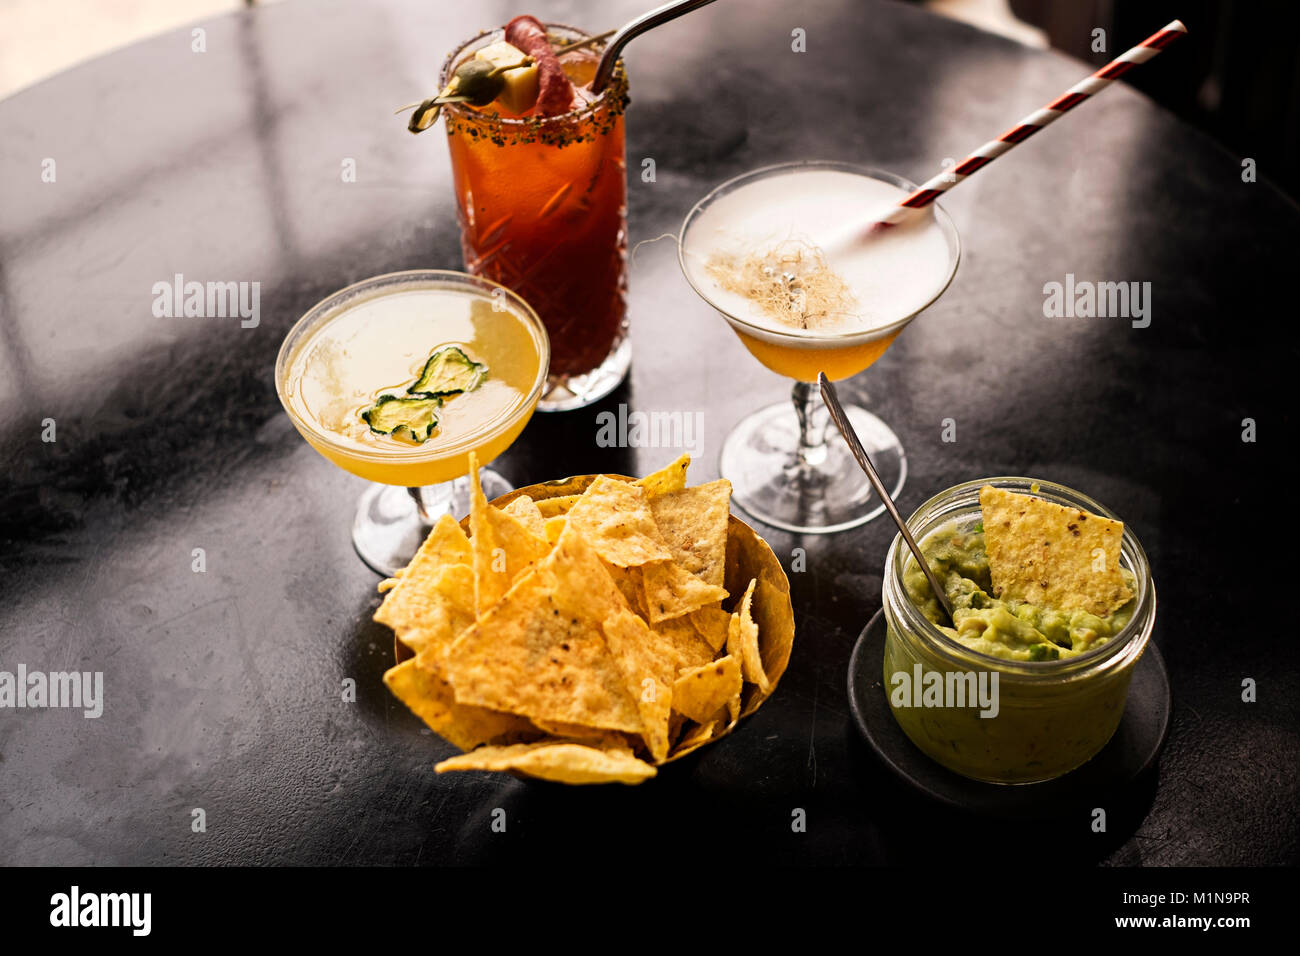 Trio di classici cocktail serviti con tortilla chips e guacamole. Foto Stock